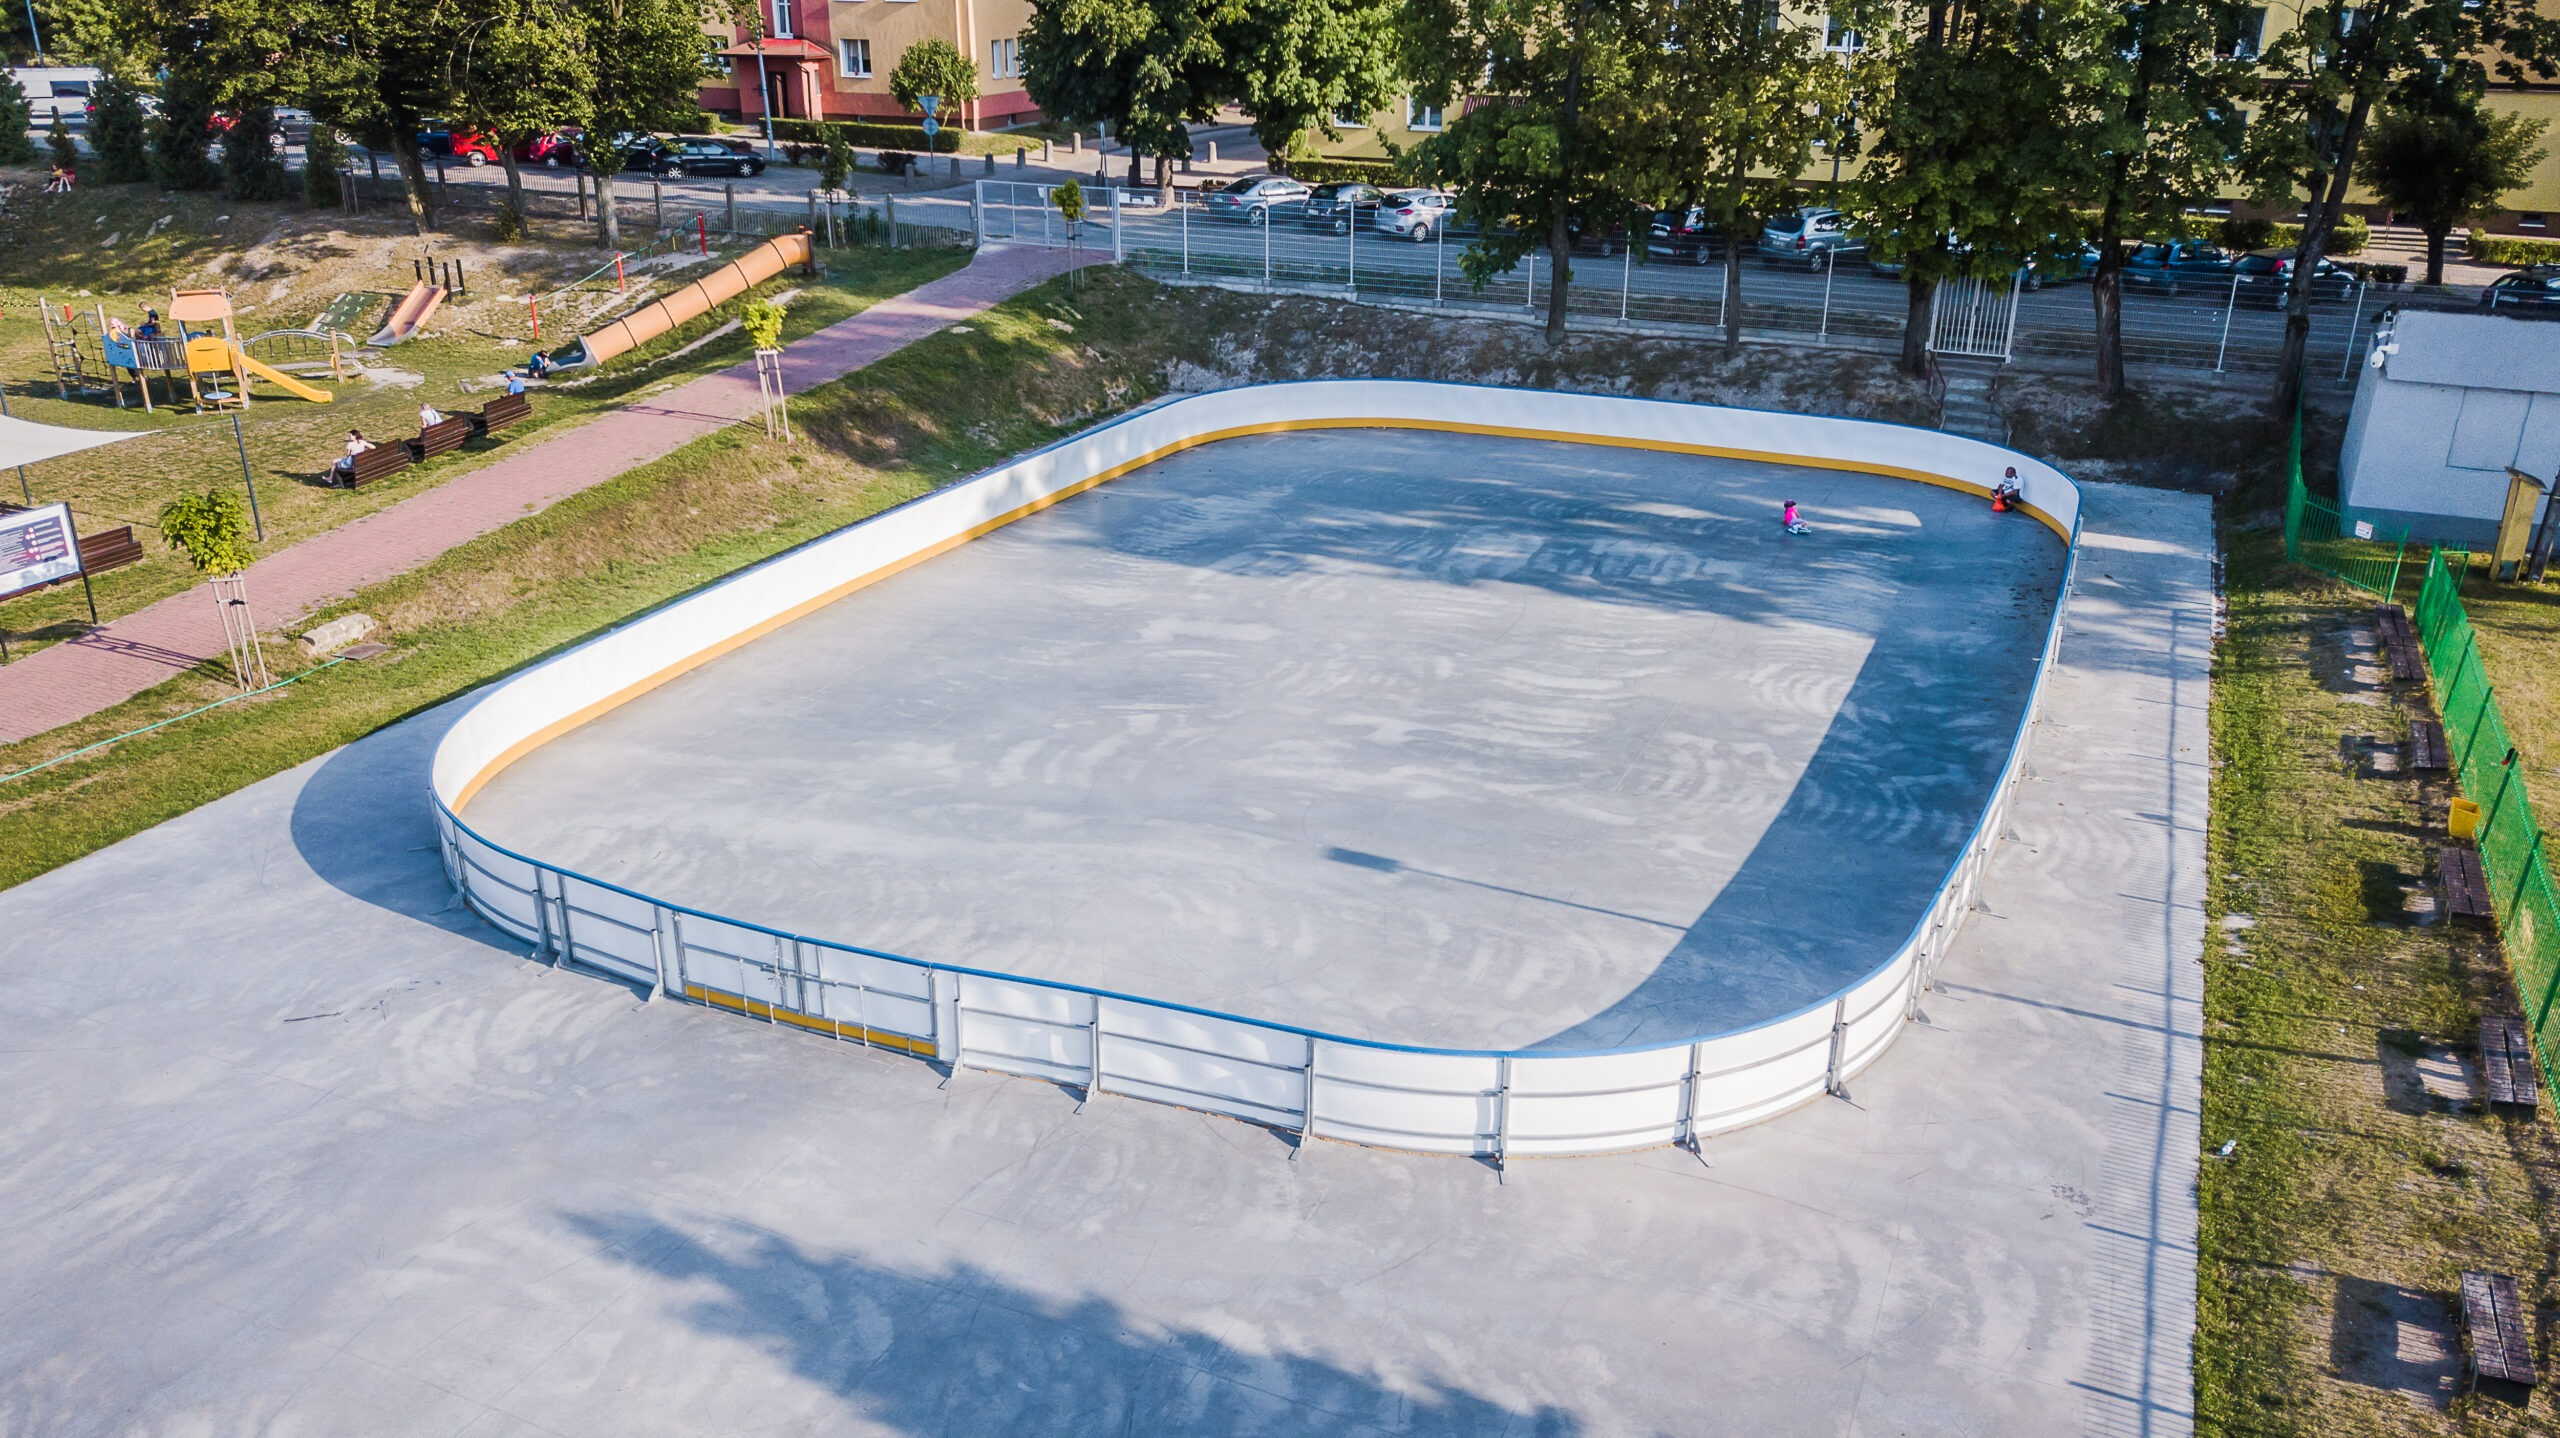 Zdjęcie przedstawia lodowisko przy Miejskim Ośrodku Sportu i Rekreacji